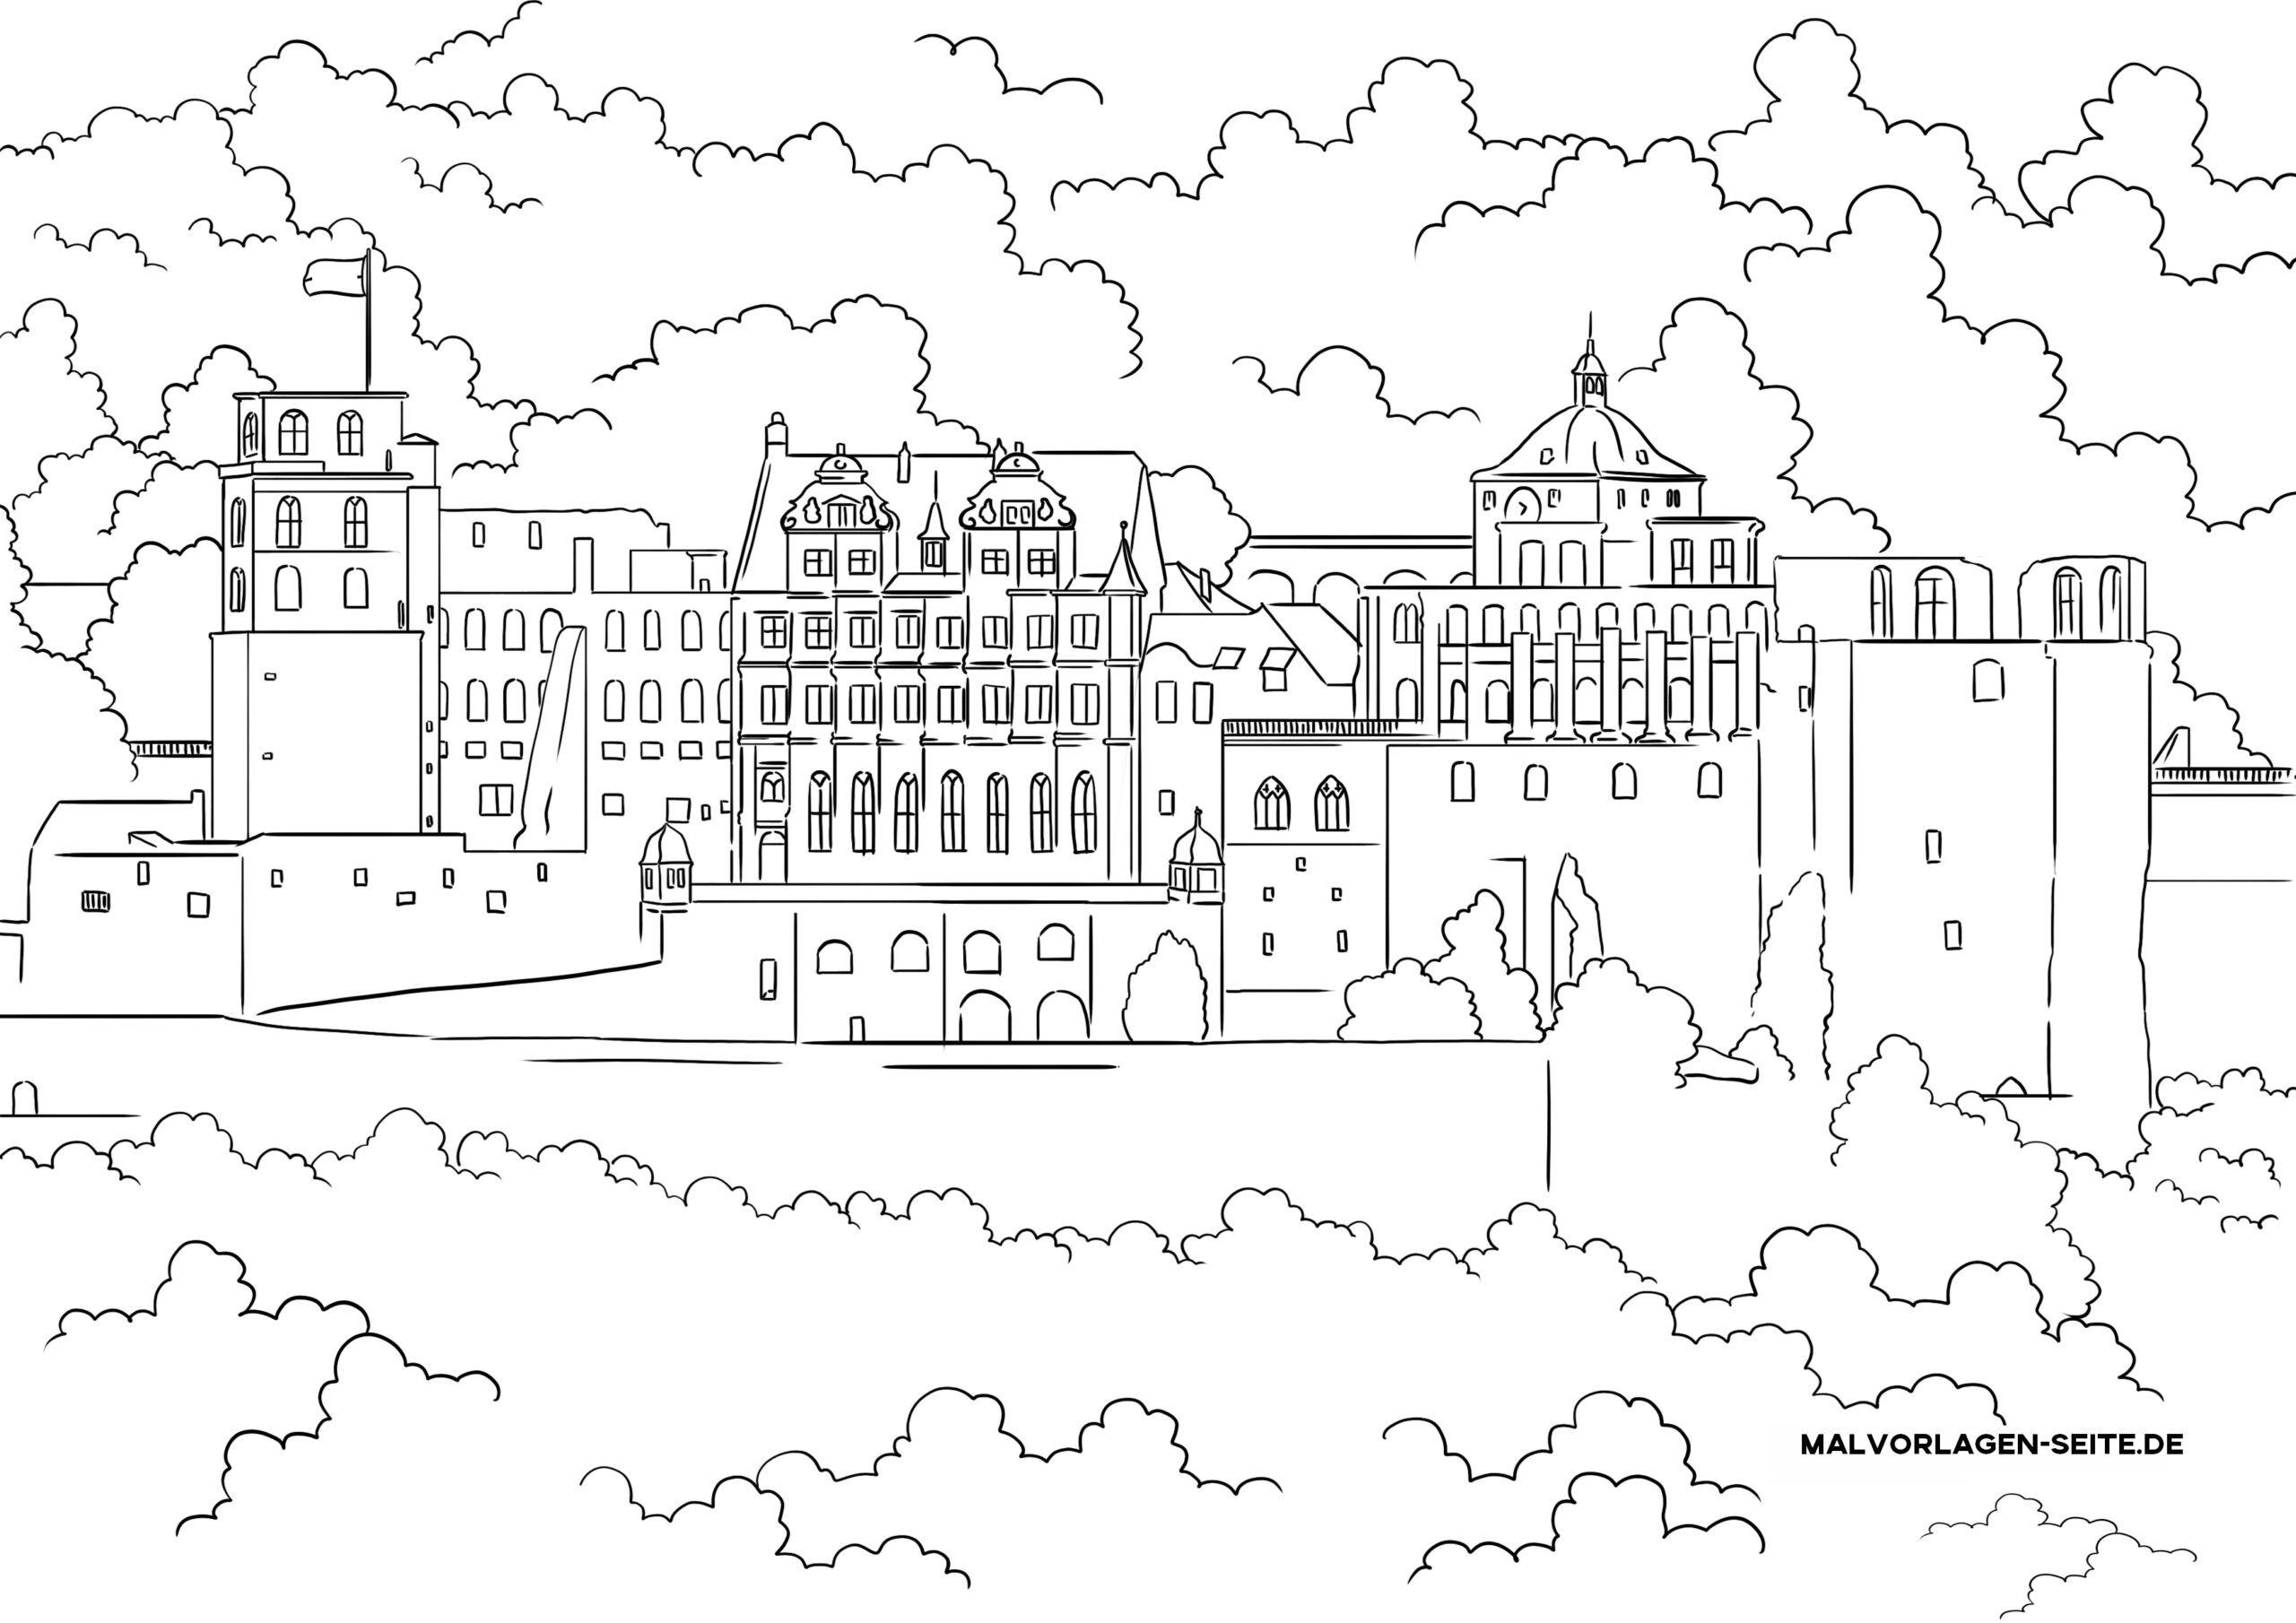 Tolle Malvorlage Schloss Heidelberg Sehenswürdigkeiten